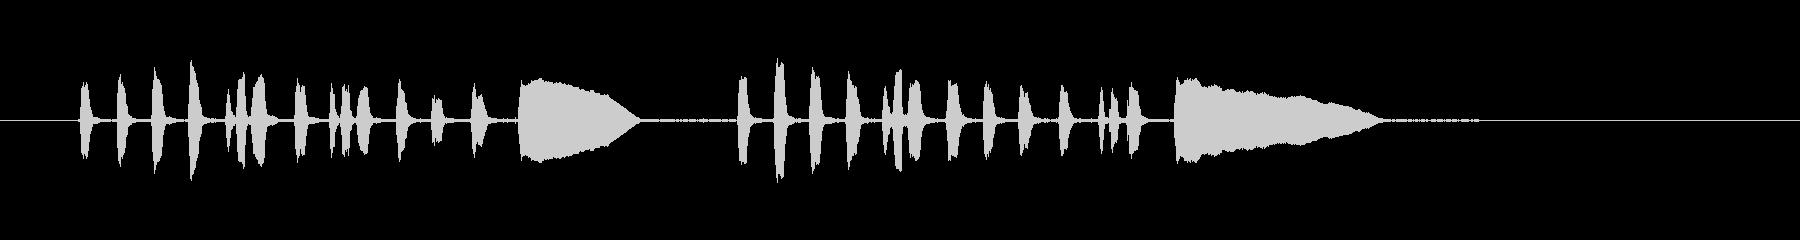 ビューグルポストタイム-軍事、ビュ...の未再生の波形